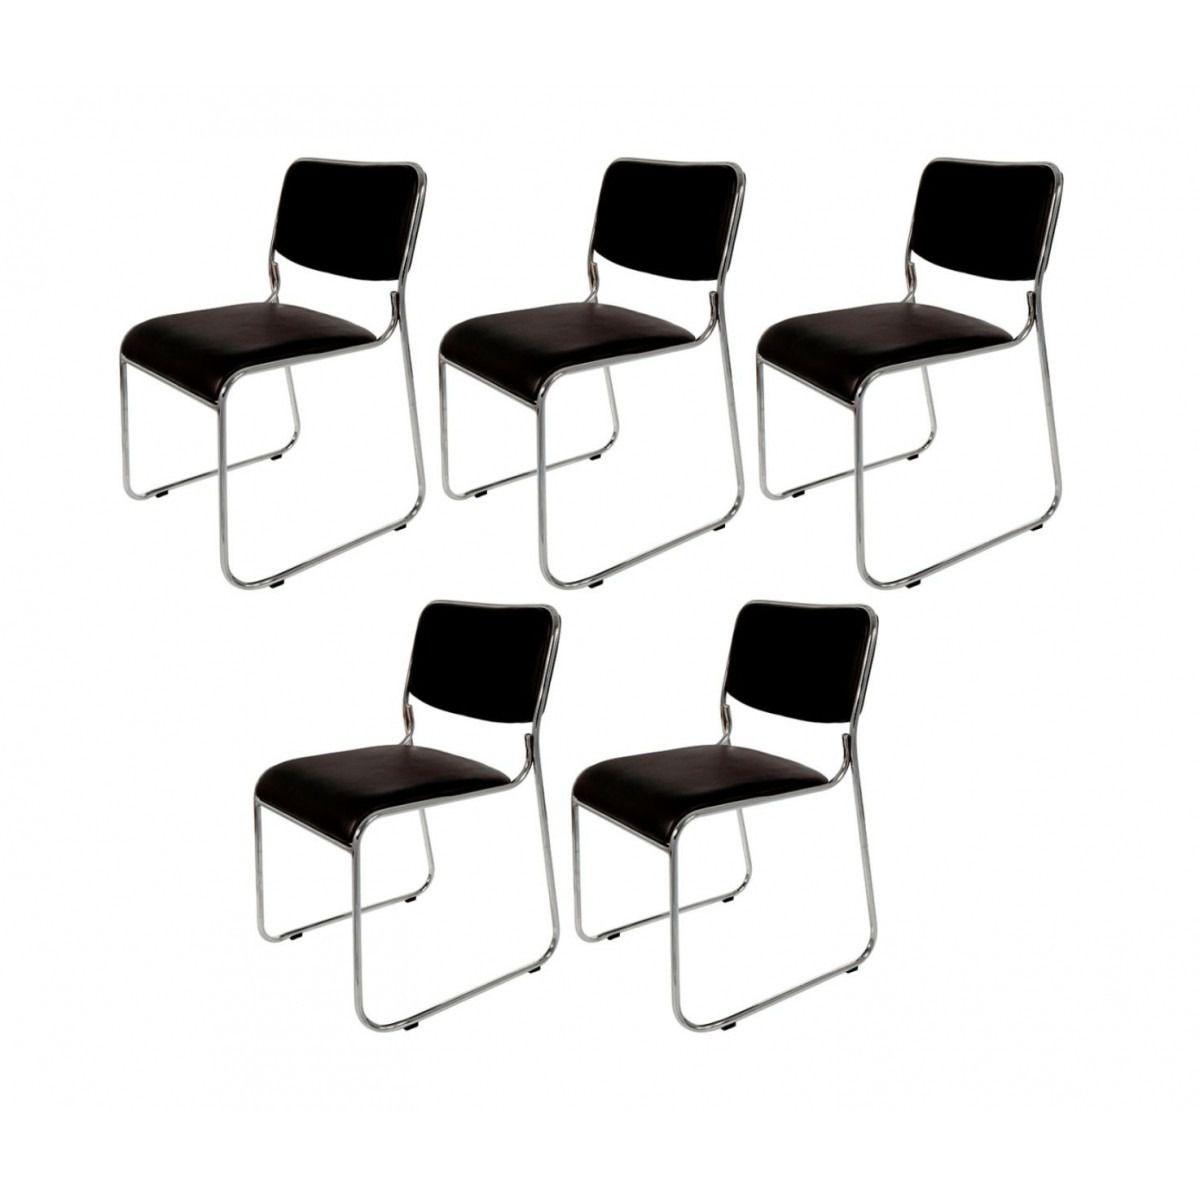 Kit Com 5 Cadeiras Universitária Pelegrin Pel-1114 Couro Pu Preta